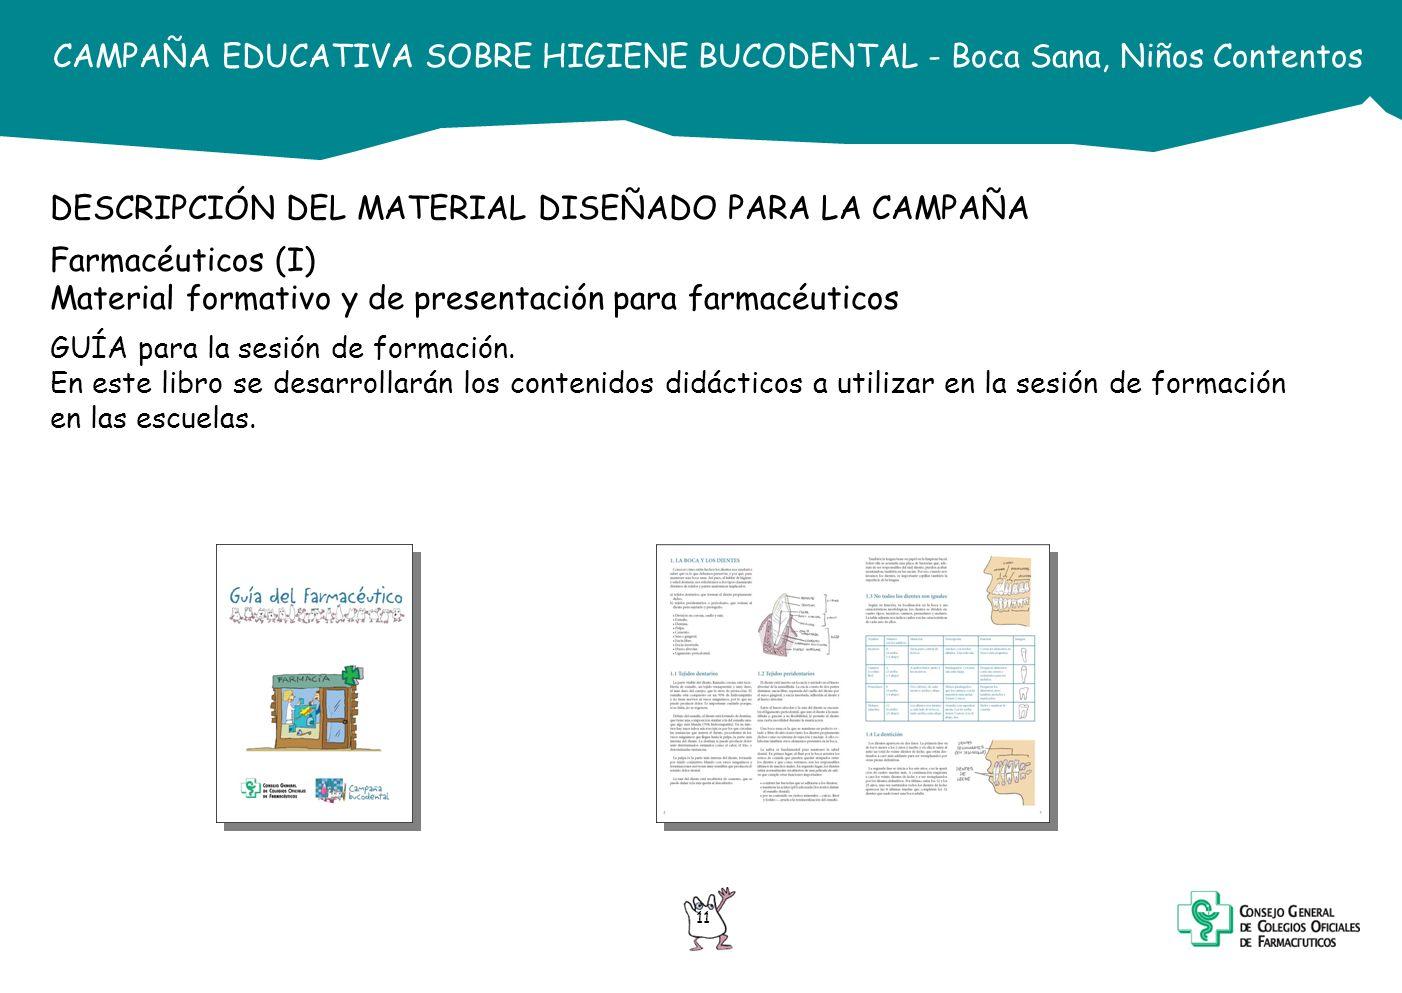 11 CAMPAÑA EDUCATIVA SOBRE HIGIENE BUCODENTAL - Boca Sana, Niños Contentos DESCRIPCIÓN DEL MATERIAL DISEÑADO PARA LA CAMPAÑA Farmacéuticos (I) Materia